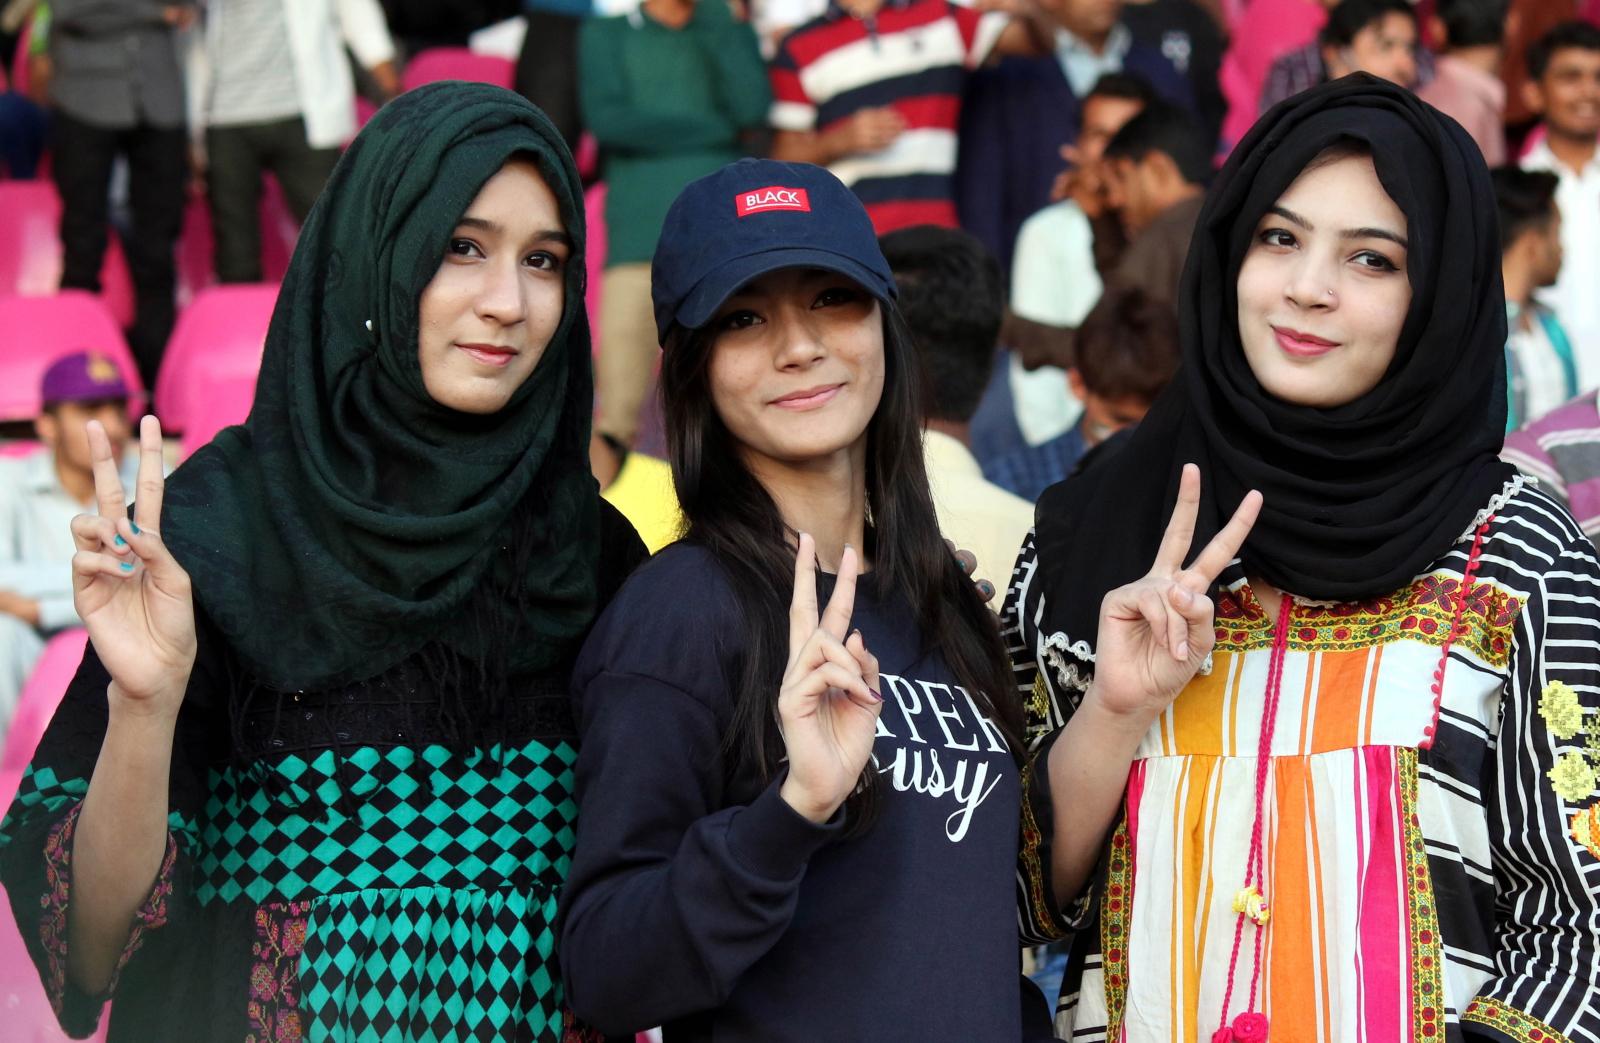 Mecz krykieta w Pakistanie. Fot. PAP/EPA/REHAN KHAN